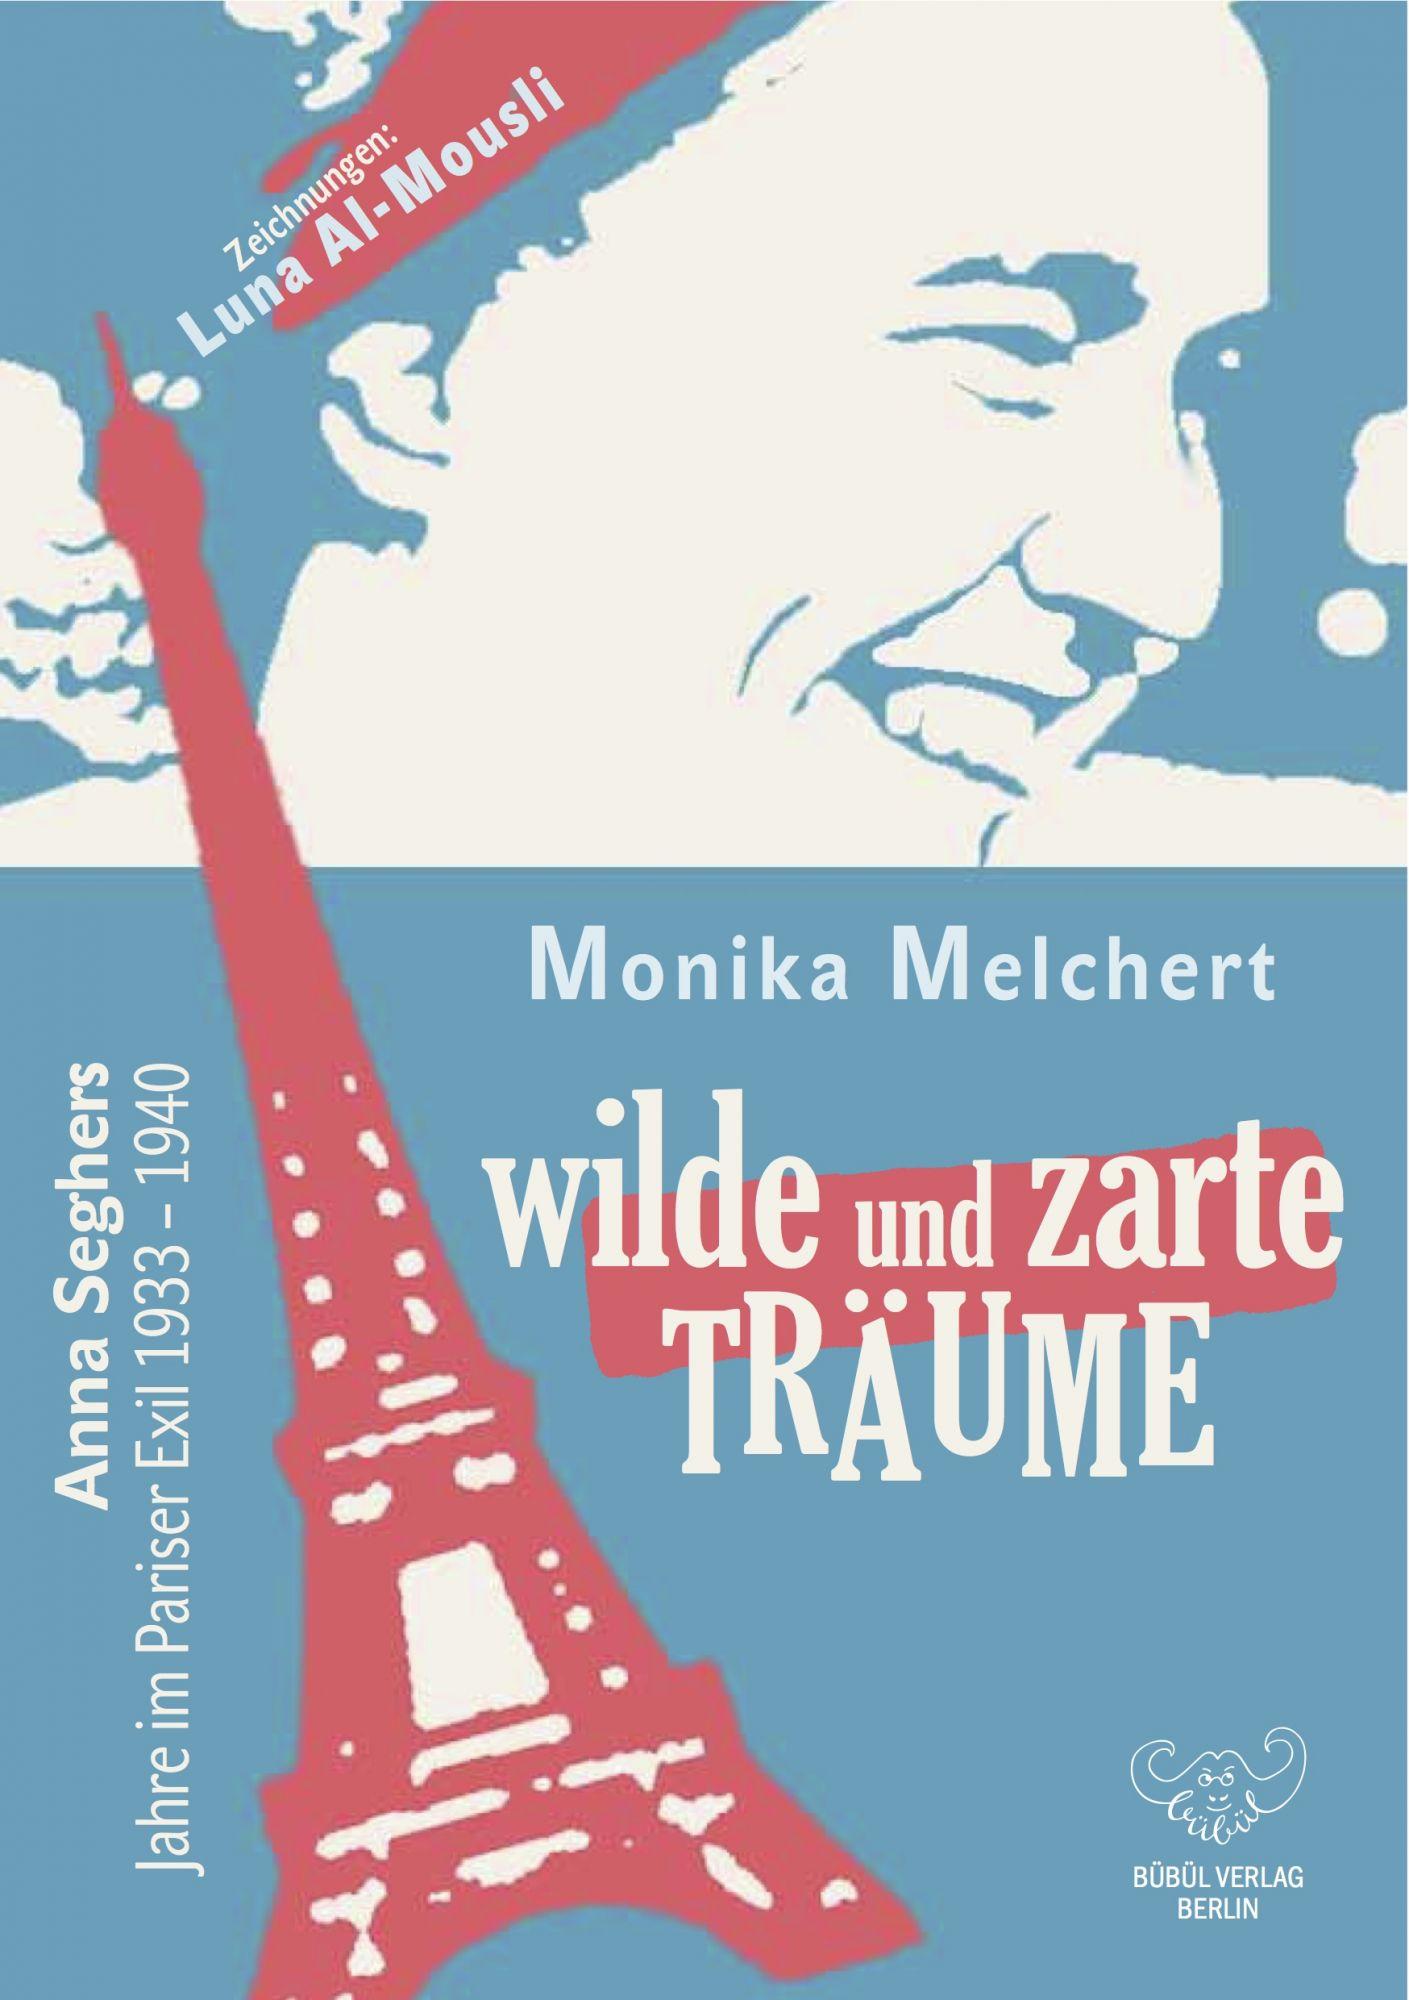 Monika Melchert: Wilde und zarte Träume,  Anna Seghers Jahre im Pariser Exil (1933-1940)